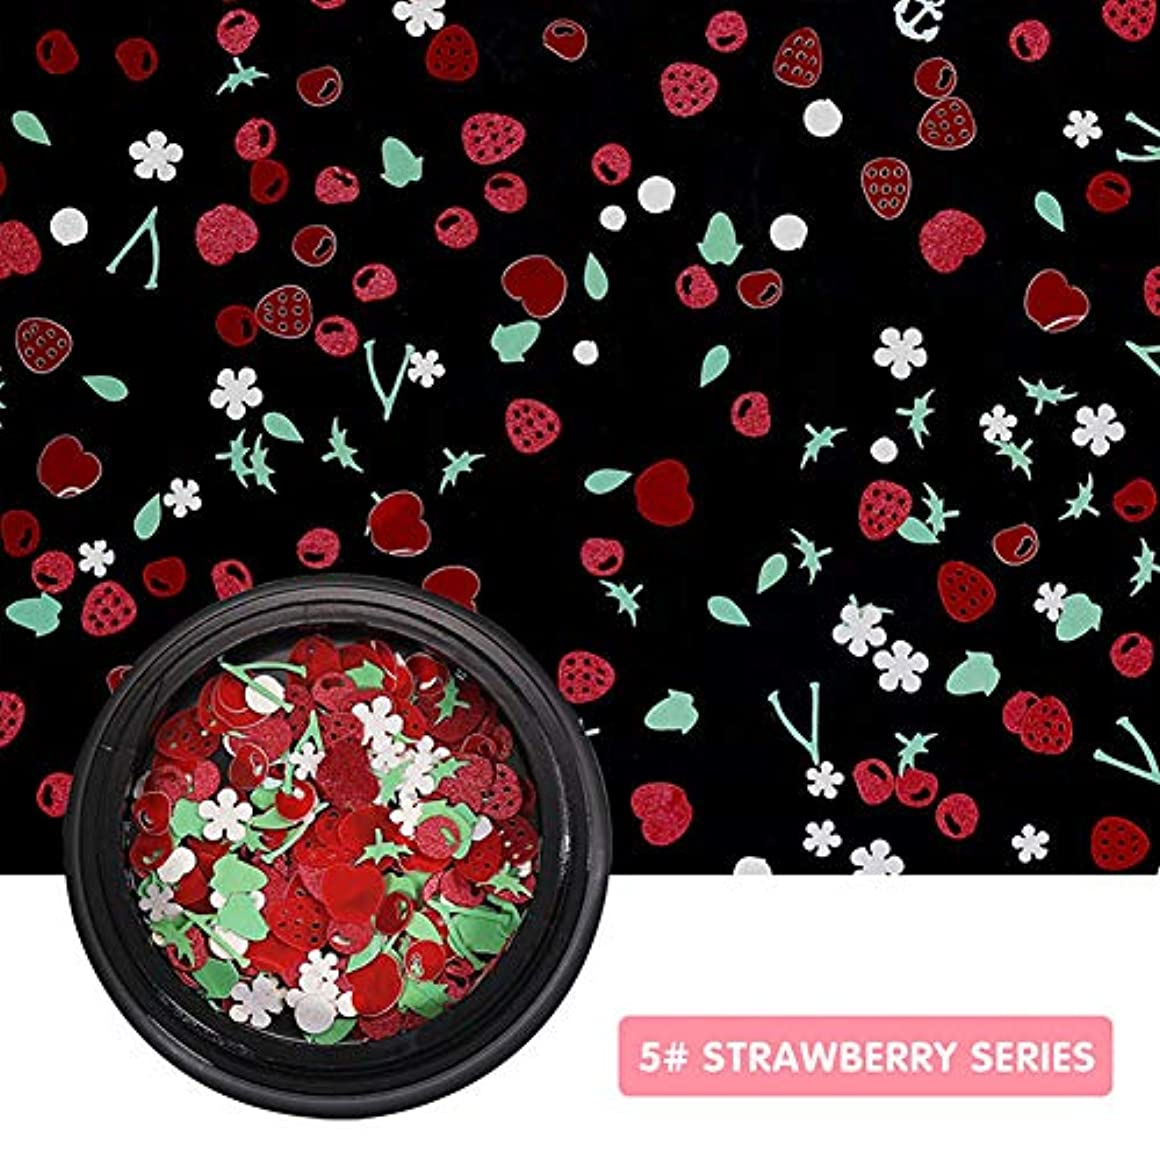 憧れブレイズキリンACHICOO ネイルデカール 100個/セット DIY スパンコール ネイルパッチ ステッカー 飾り 5#